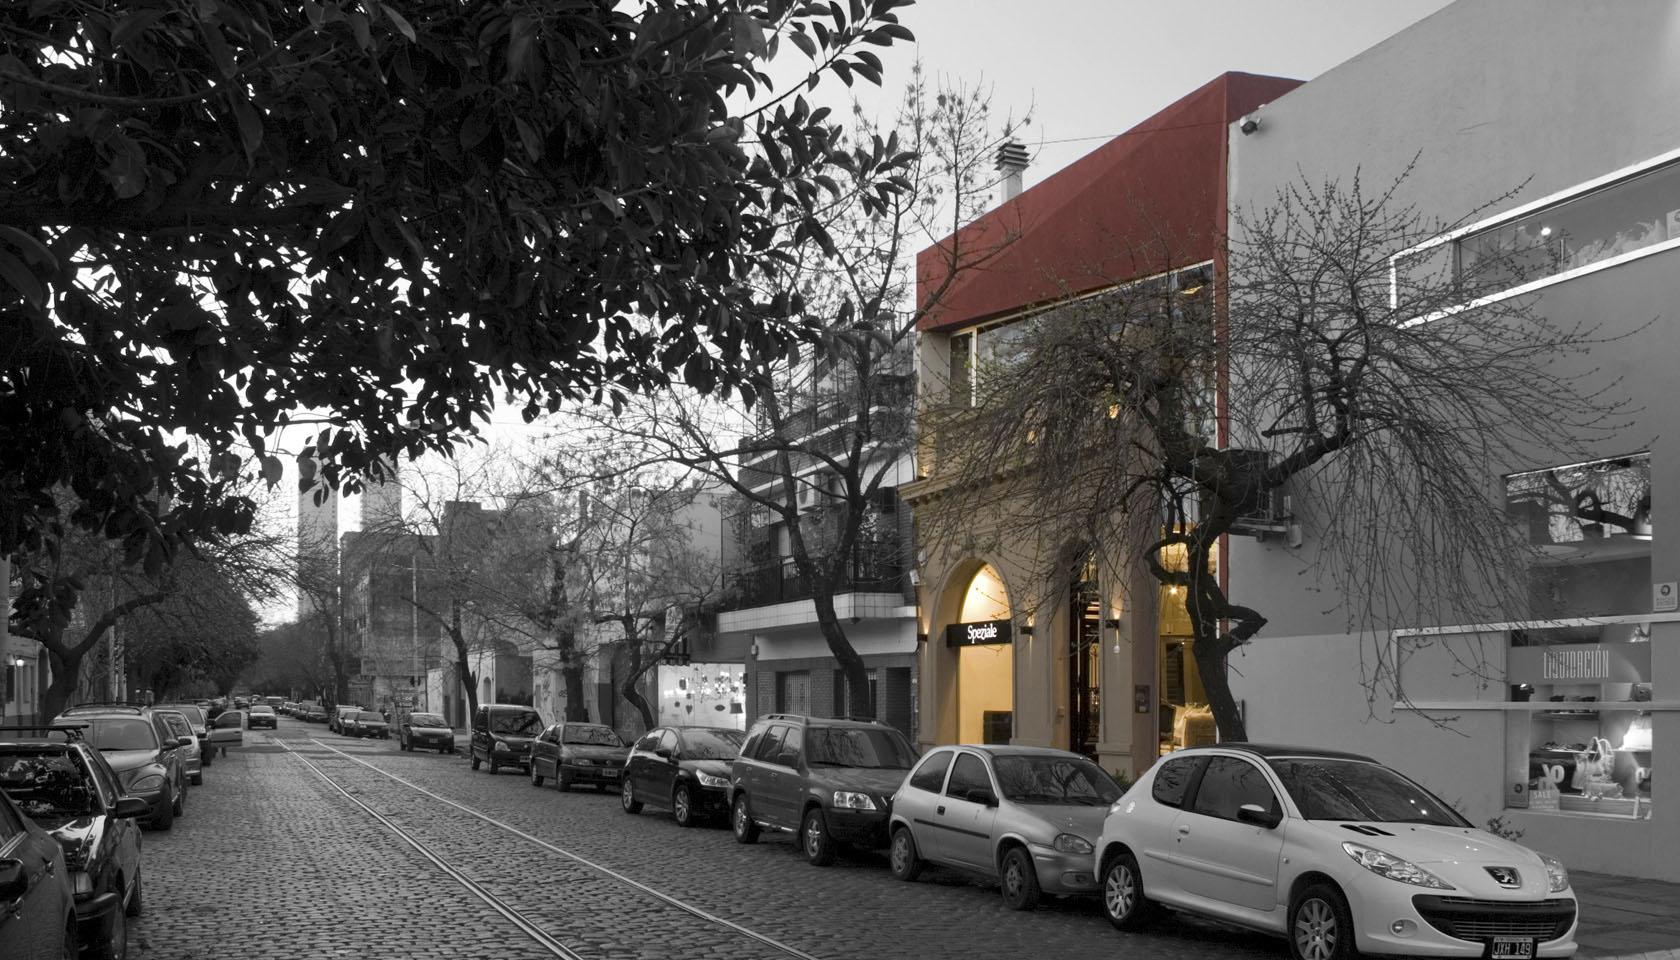 Locales con fachadas rojas, diseño de fachadas clásica y modernas, híbridos arquitectónico